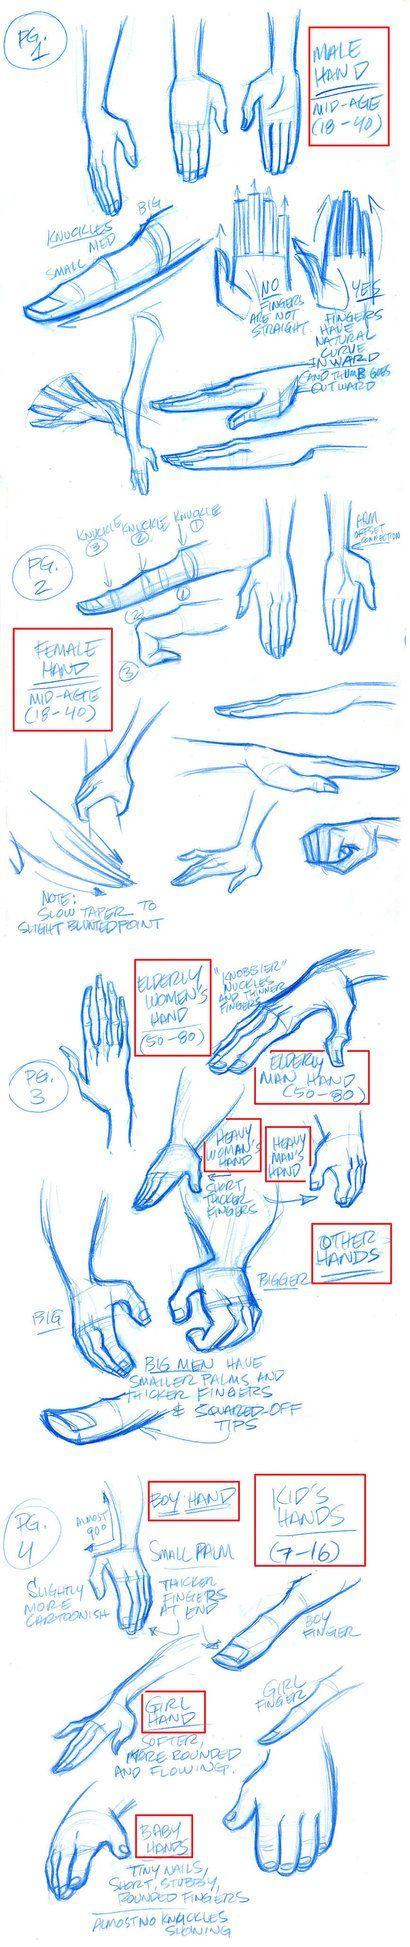 Stylized Hands model sheets by tombancroft on deviantART: